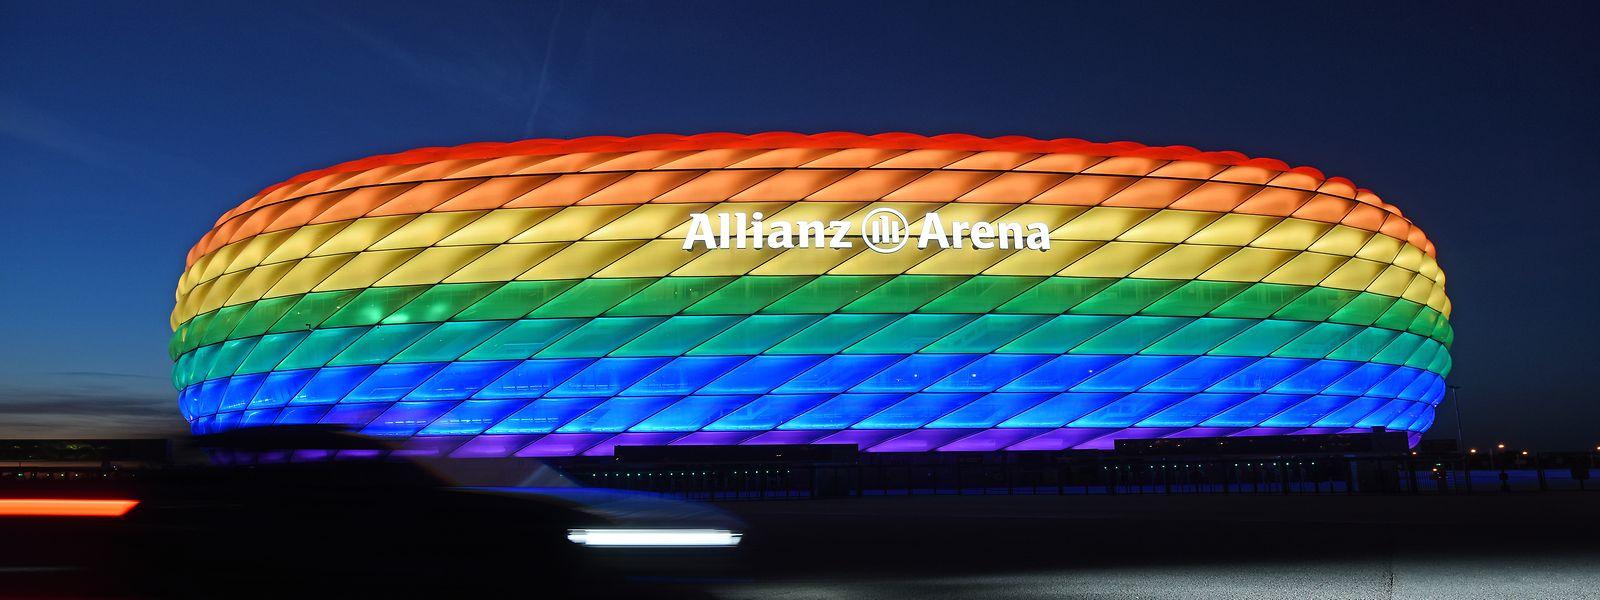 Die Hülle der Allianz Arena leuchtet 2016 anlässlich des Christopher Street Days in Regenbogenfarben.